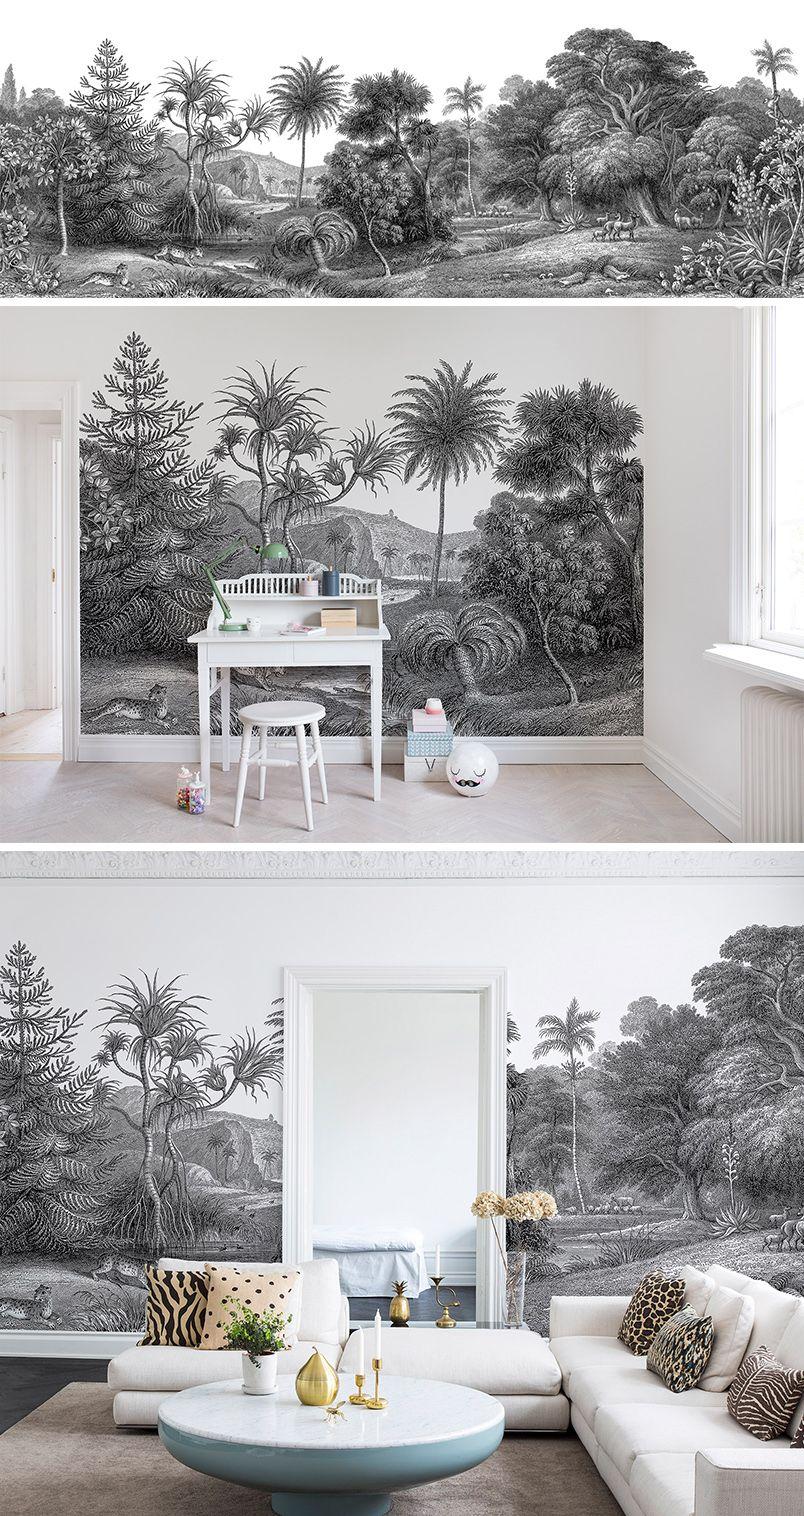 Kids Room Wallpaper Designs: Boys Room Wallpaper, Kids Room Wallpaper